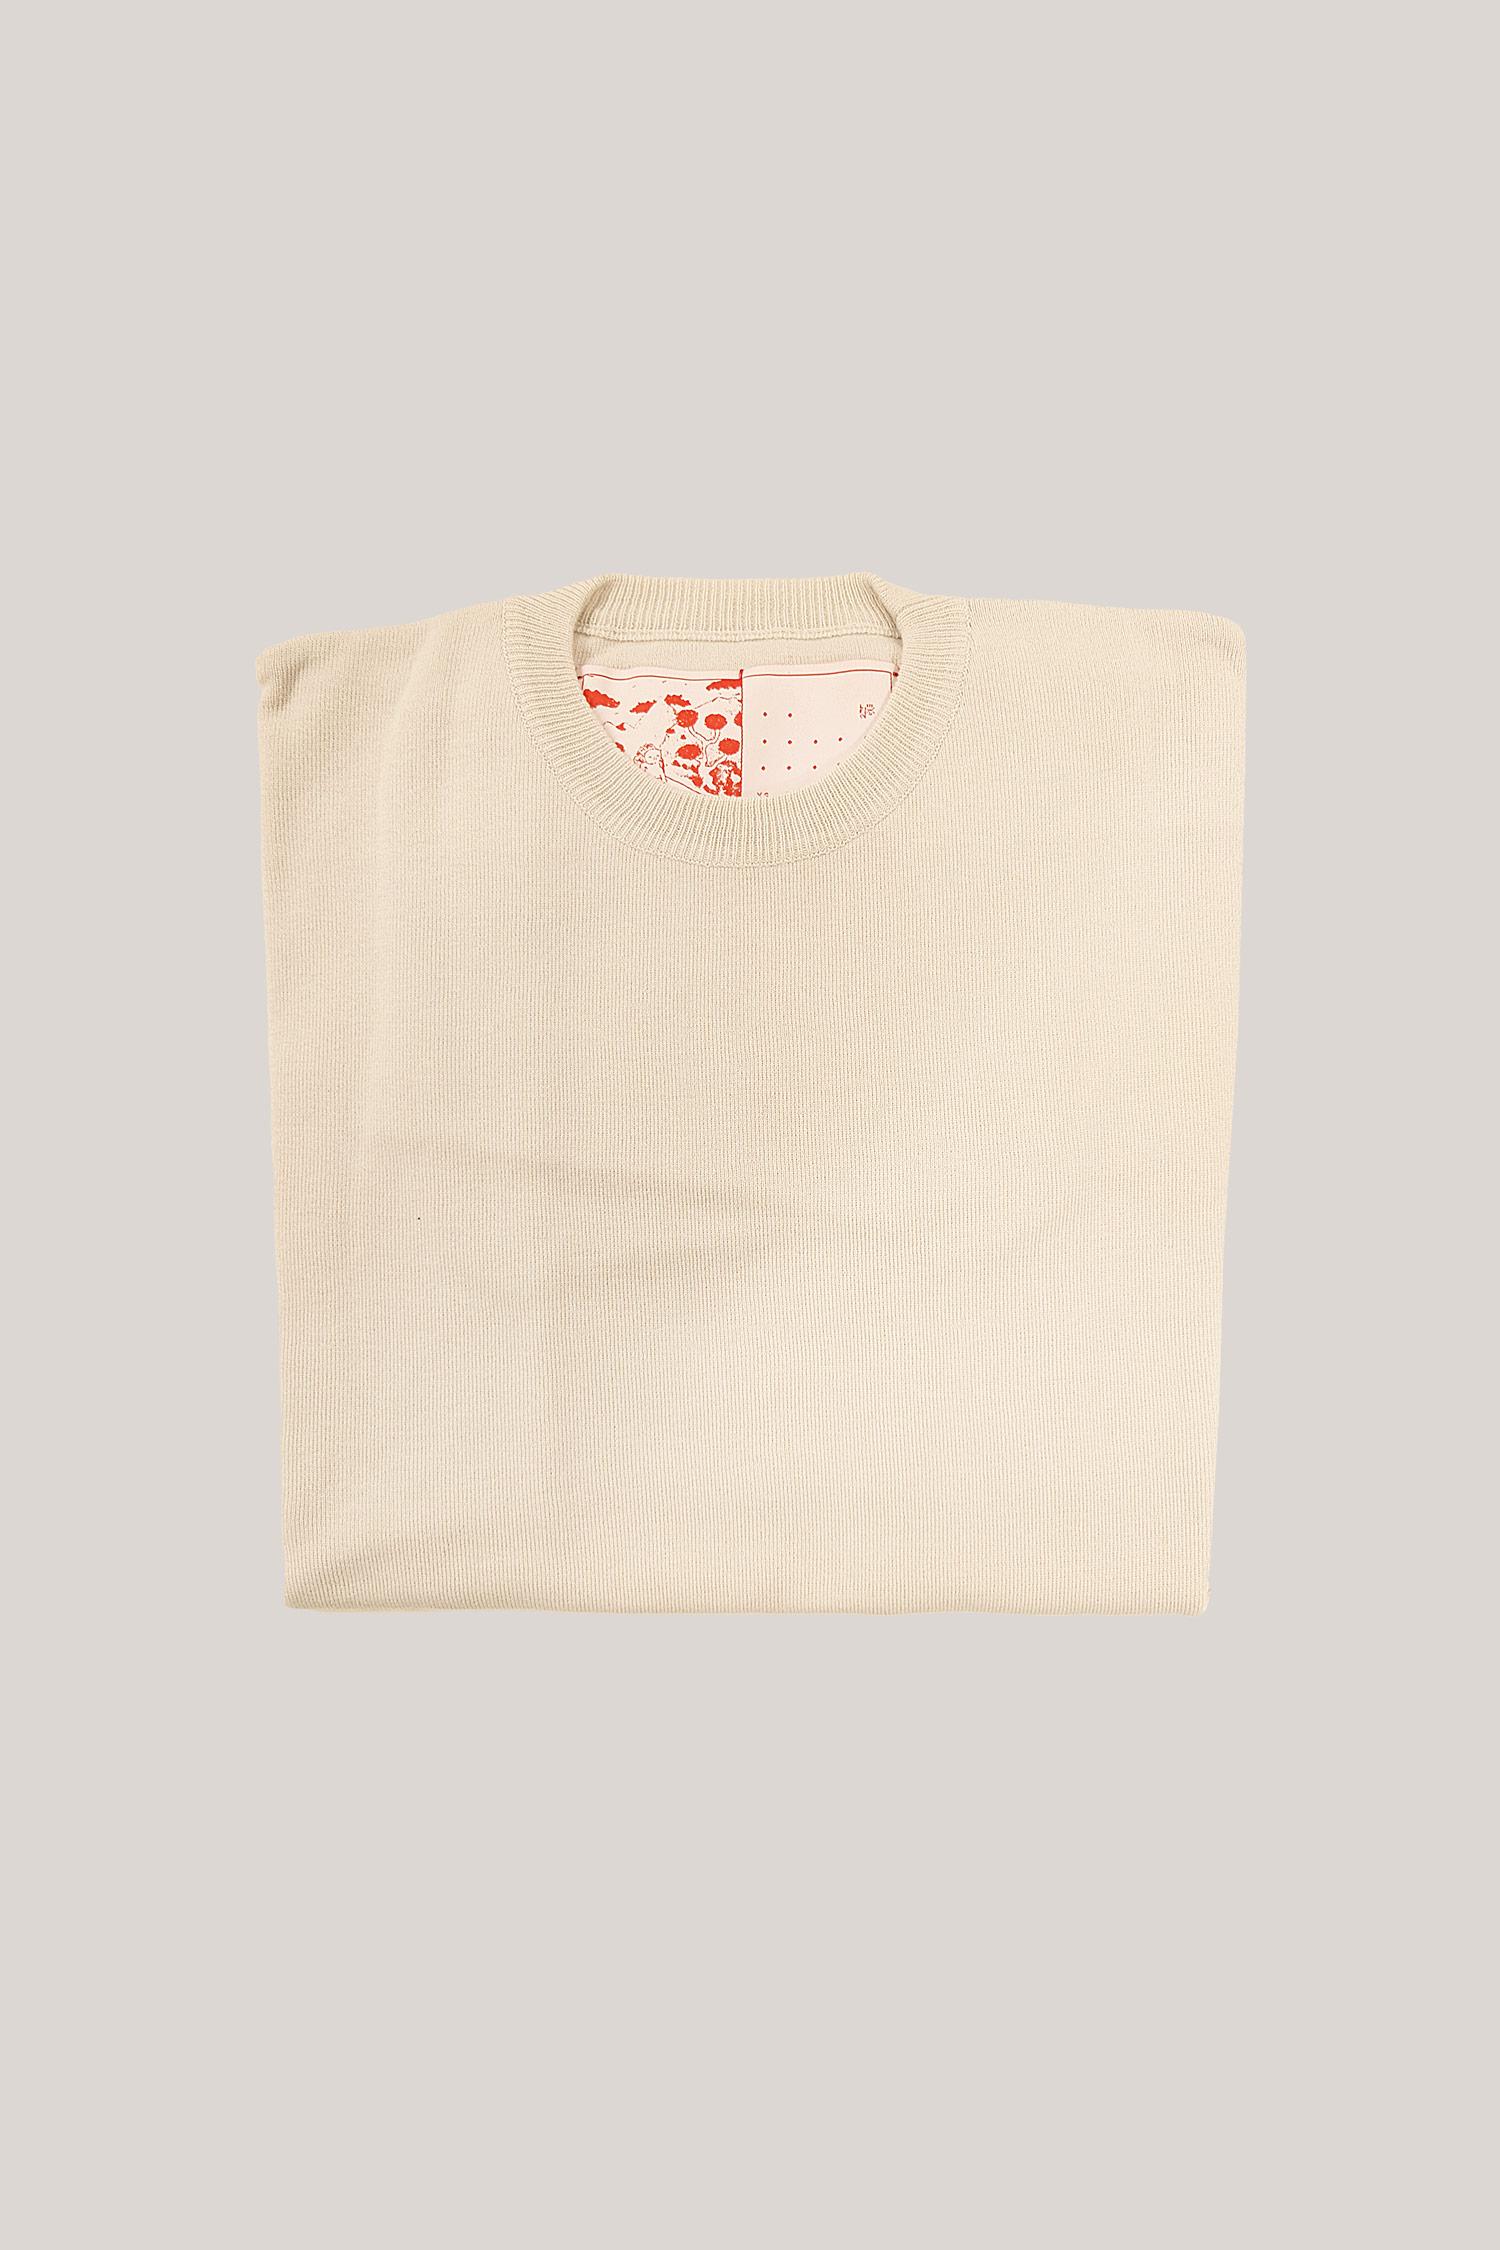 36-Knitted-tshirt-grey-3